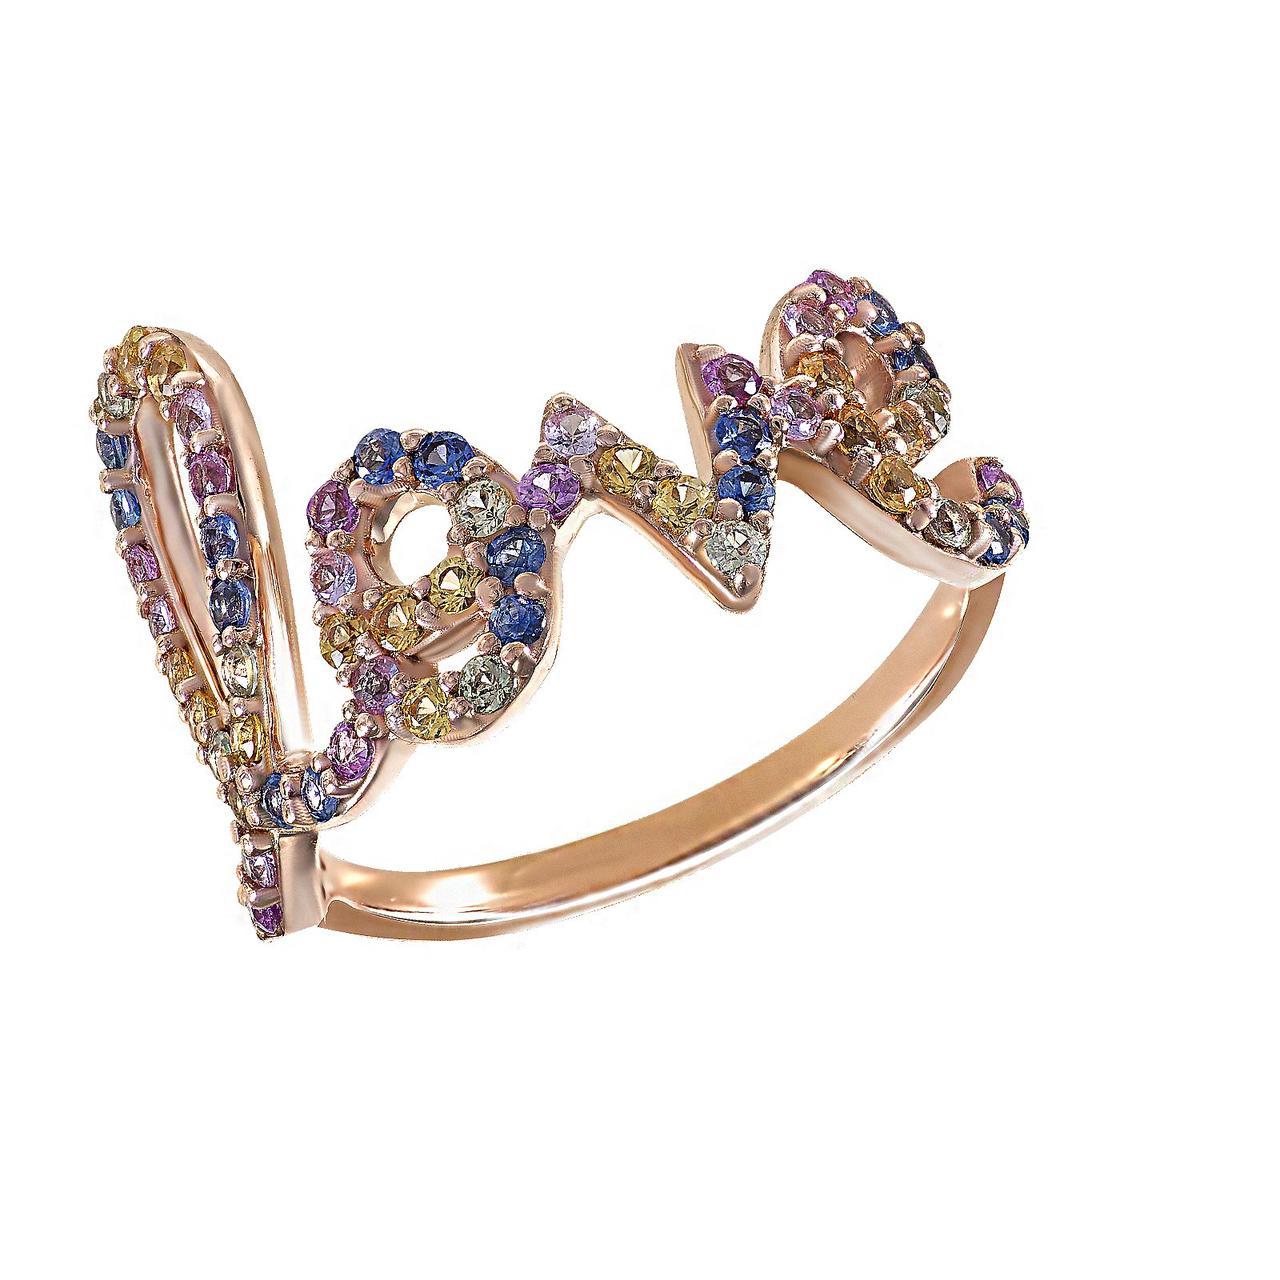 Золотое кольцо с сапфирами, размер 15.5 (1684933)